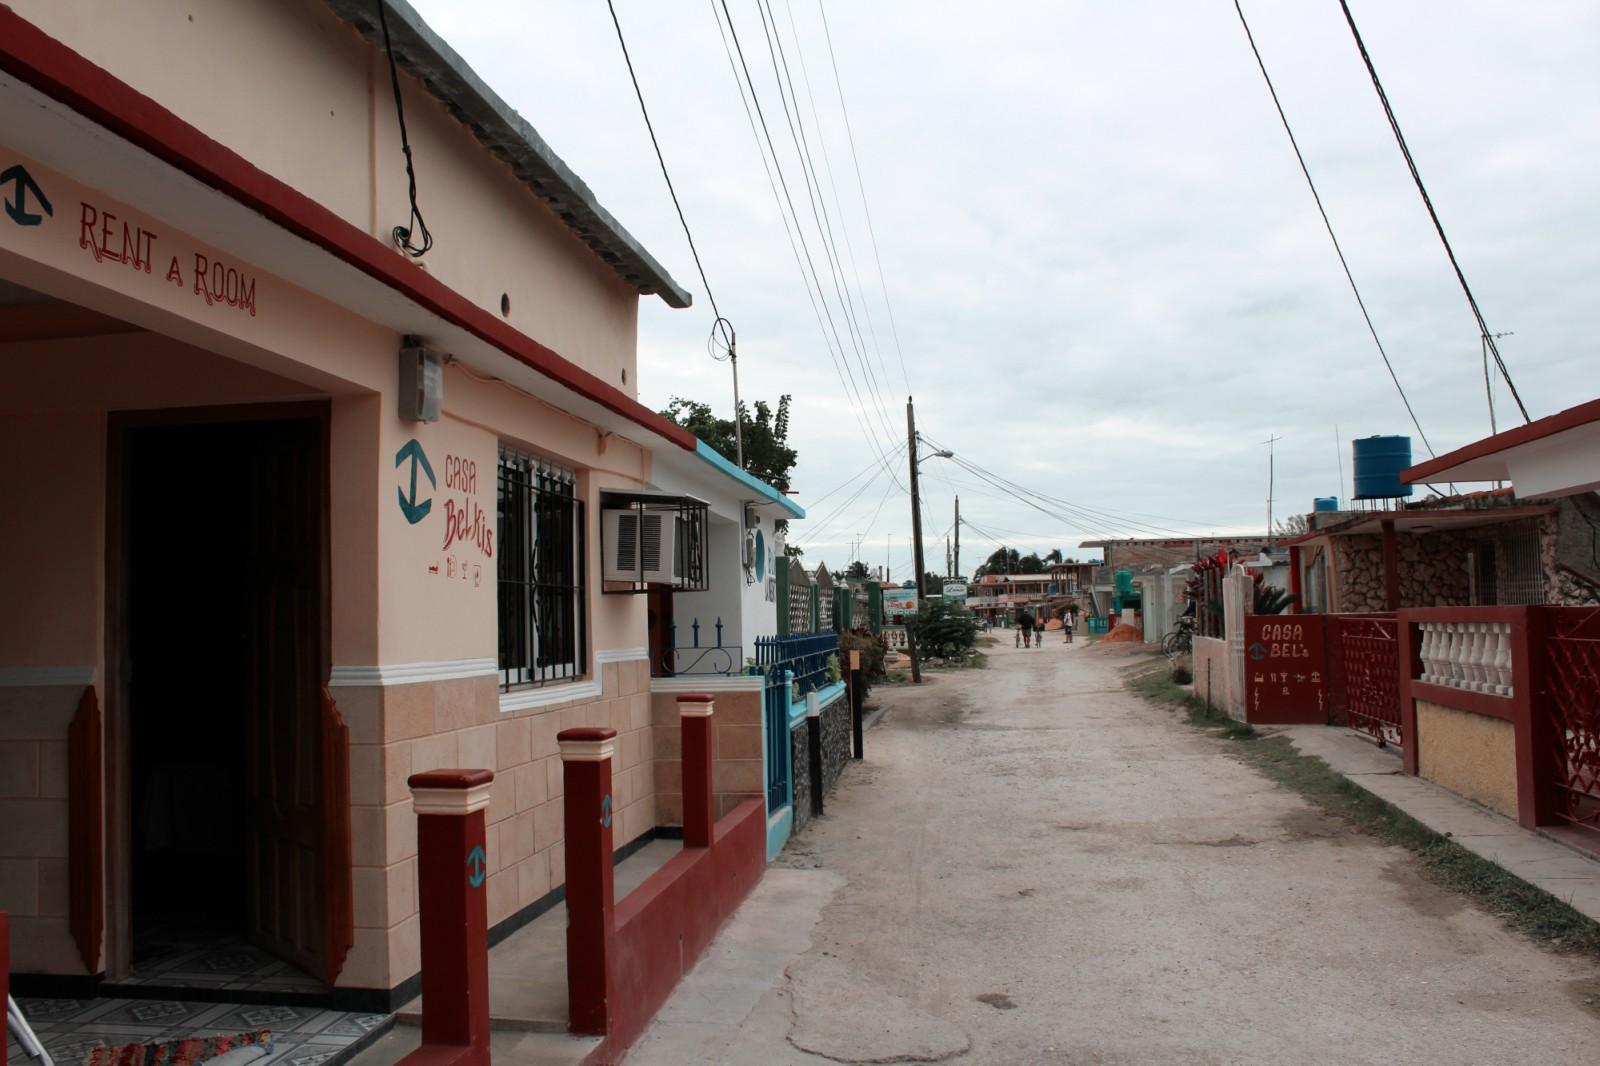 Ubytovanie na Kube - Casa particular, alebo hotel?